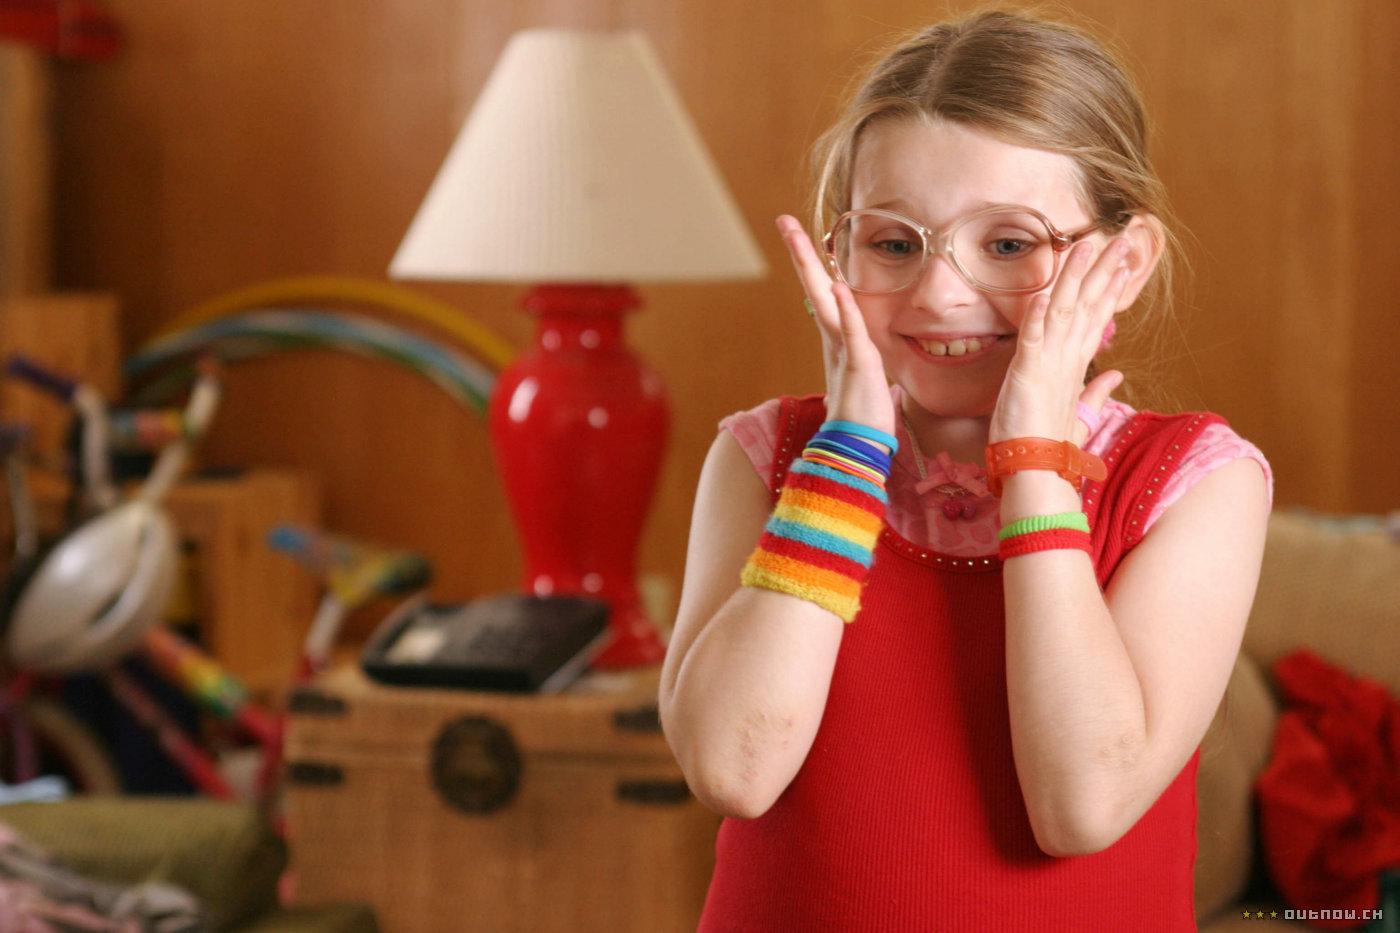 10 фильмов, которые можно пересмотреть со своей дочерью